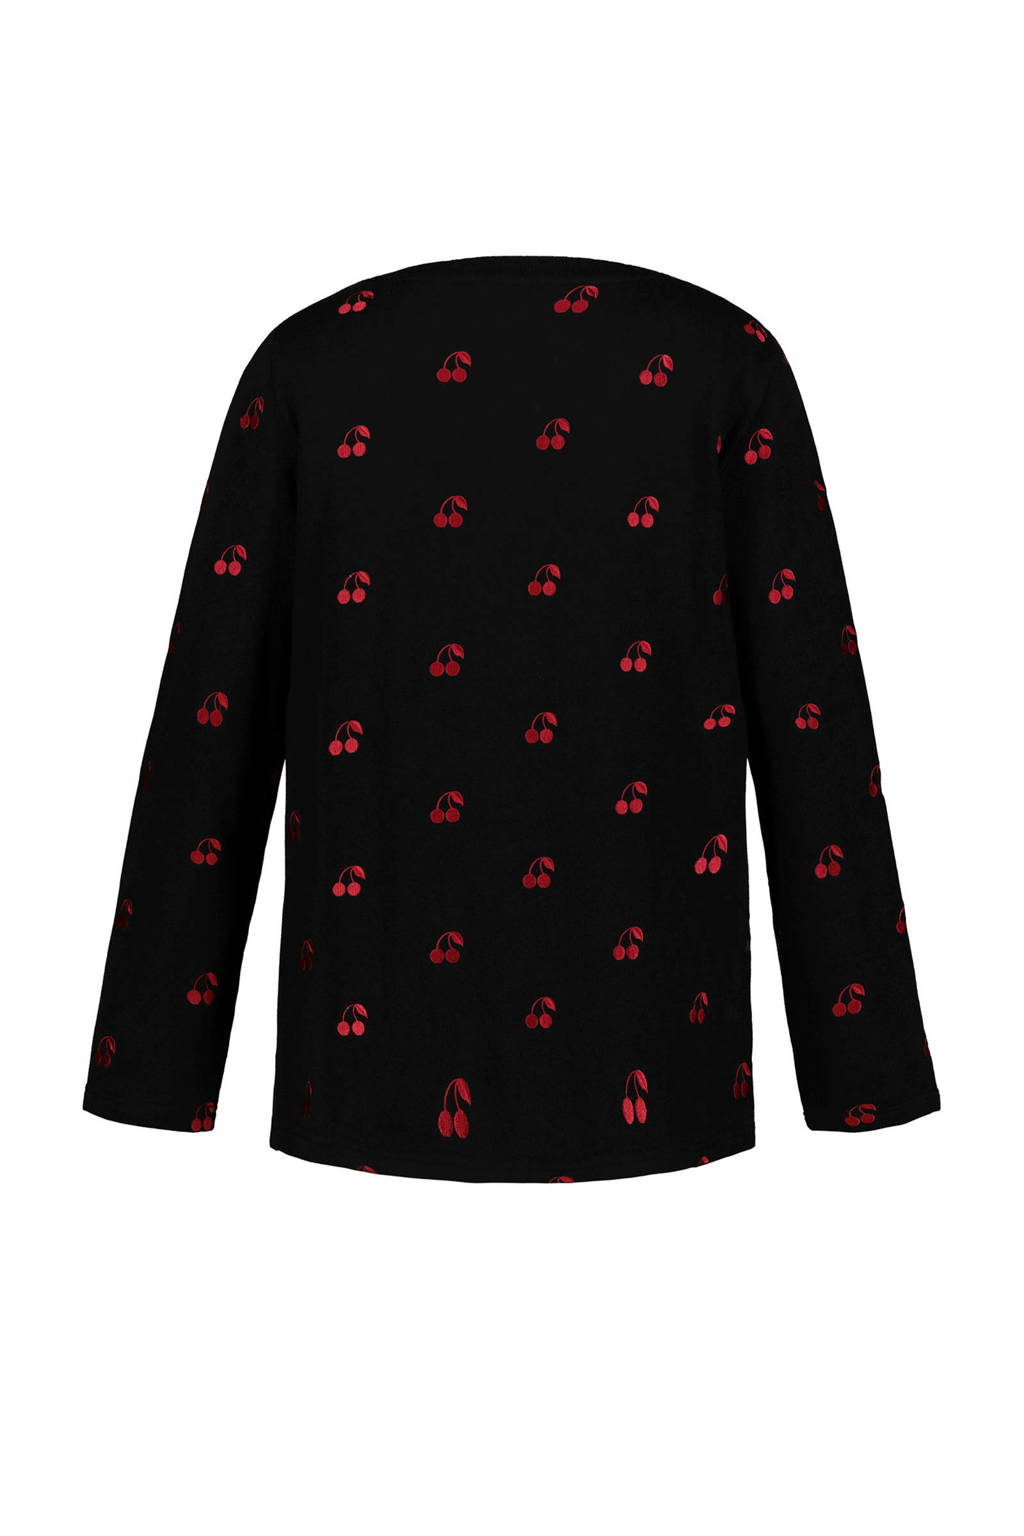 Ulla Popken T-shirt zwart met kersen, Zwart/rood